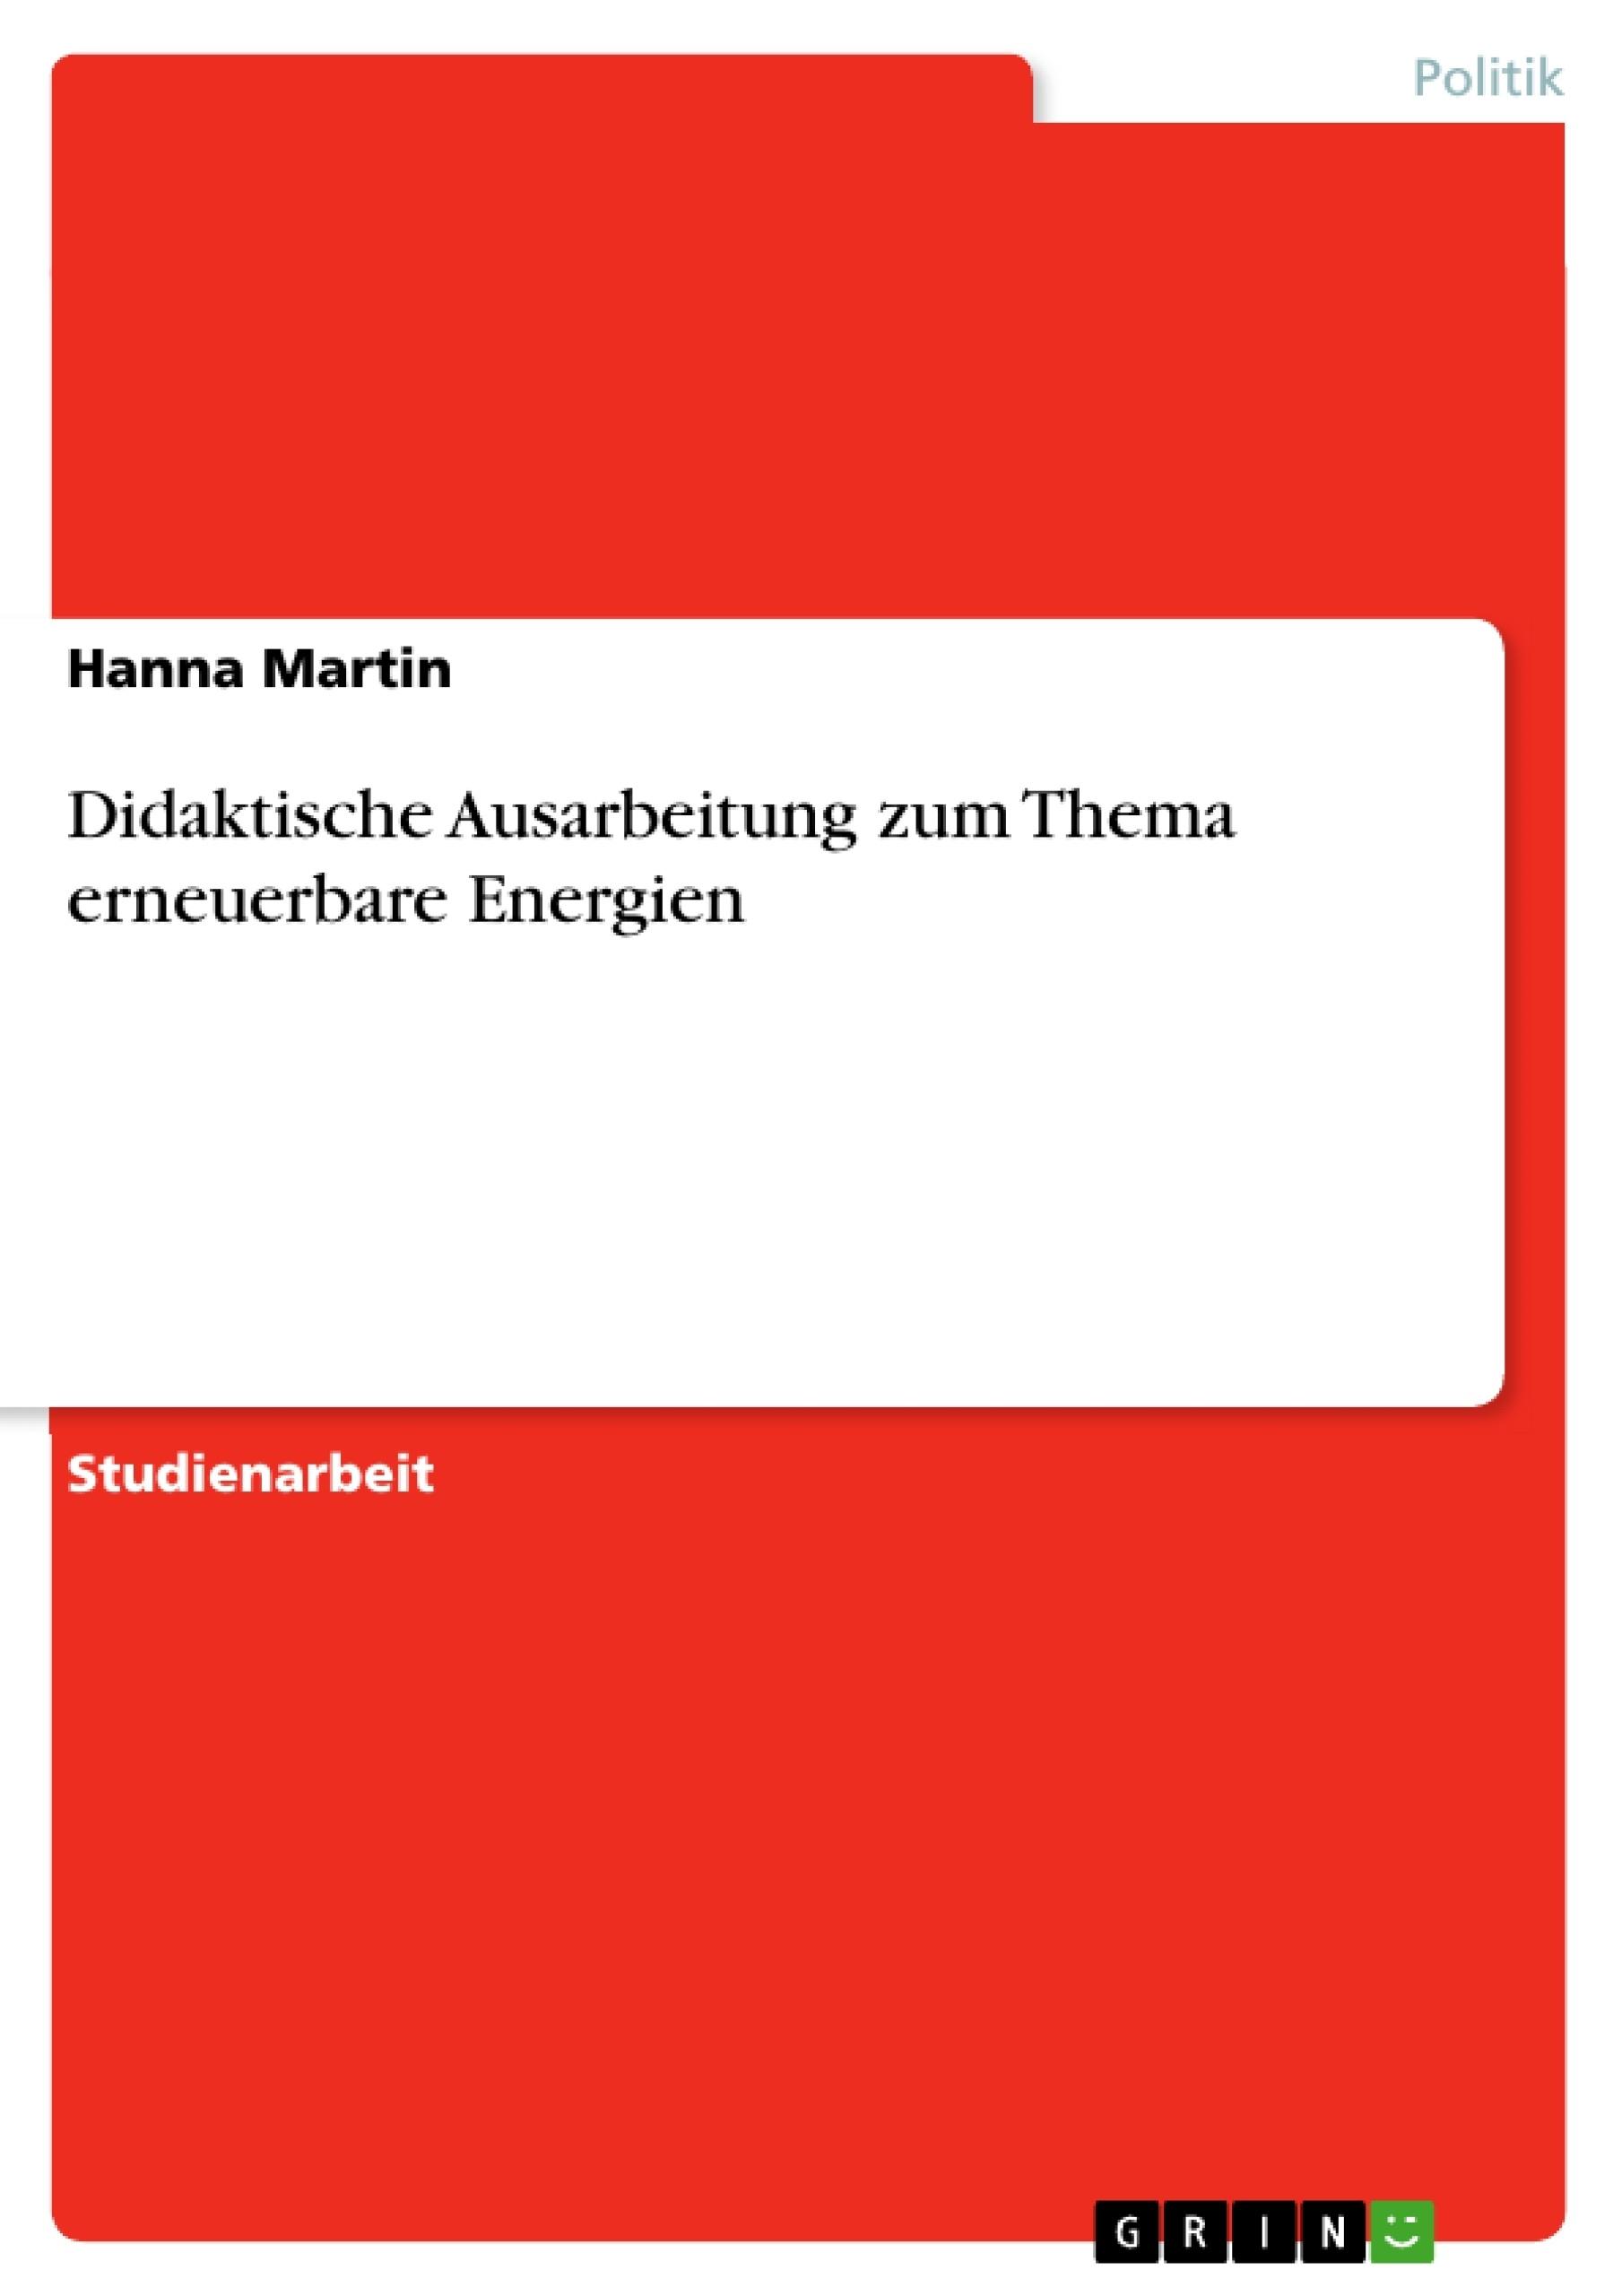 Titel: Didaktische Ausarbeitung zum Thema erneuerbare Energien